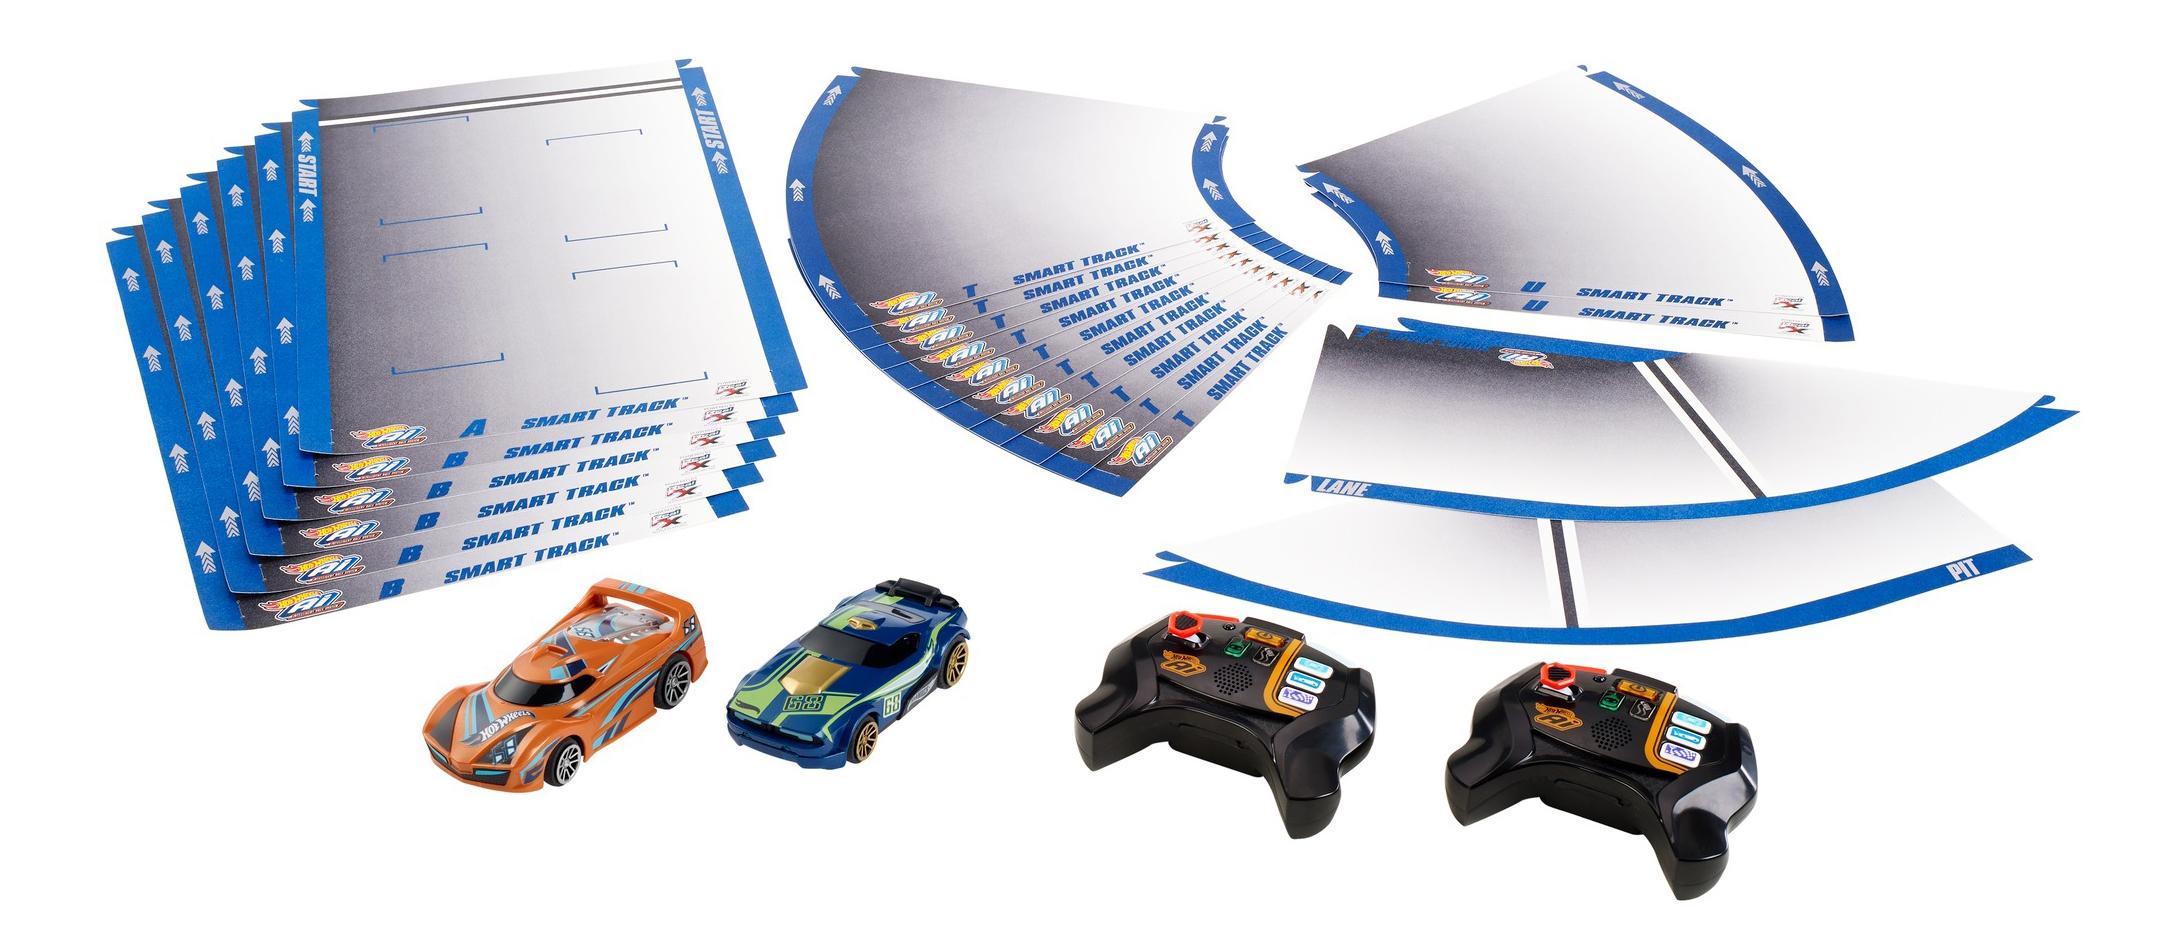 Купить Автотрек Hot Wheels Умная трасса с р.у. машинками FBL83, Детские автотреки